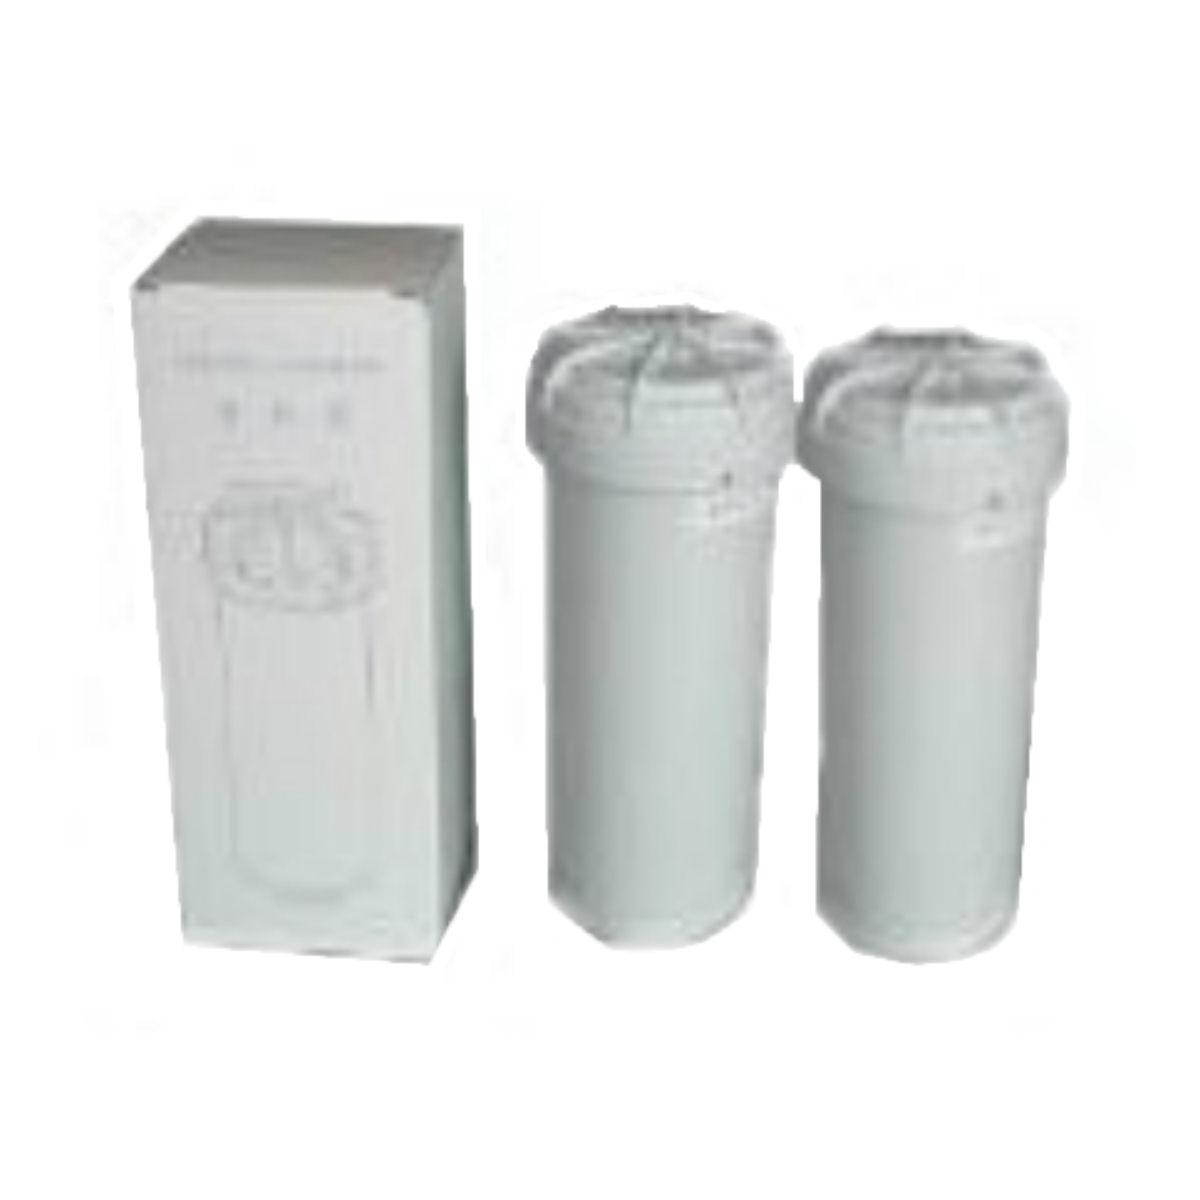 硝酸性窒素 除去 浄水器 ピュアリズムG 専用カートリッジ 2本入り